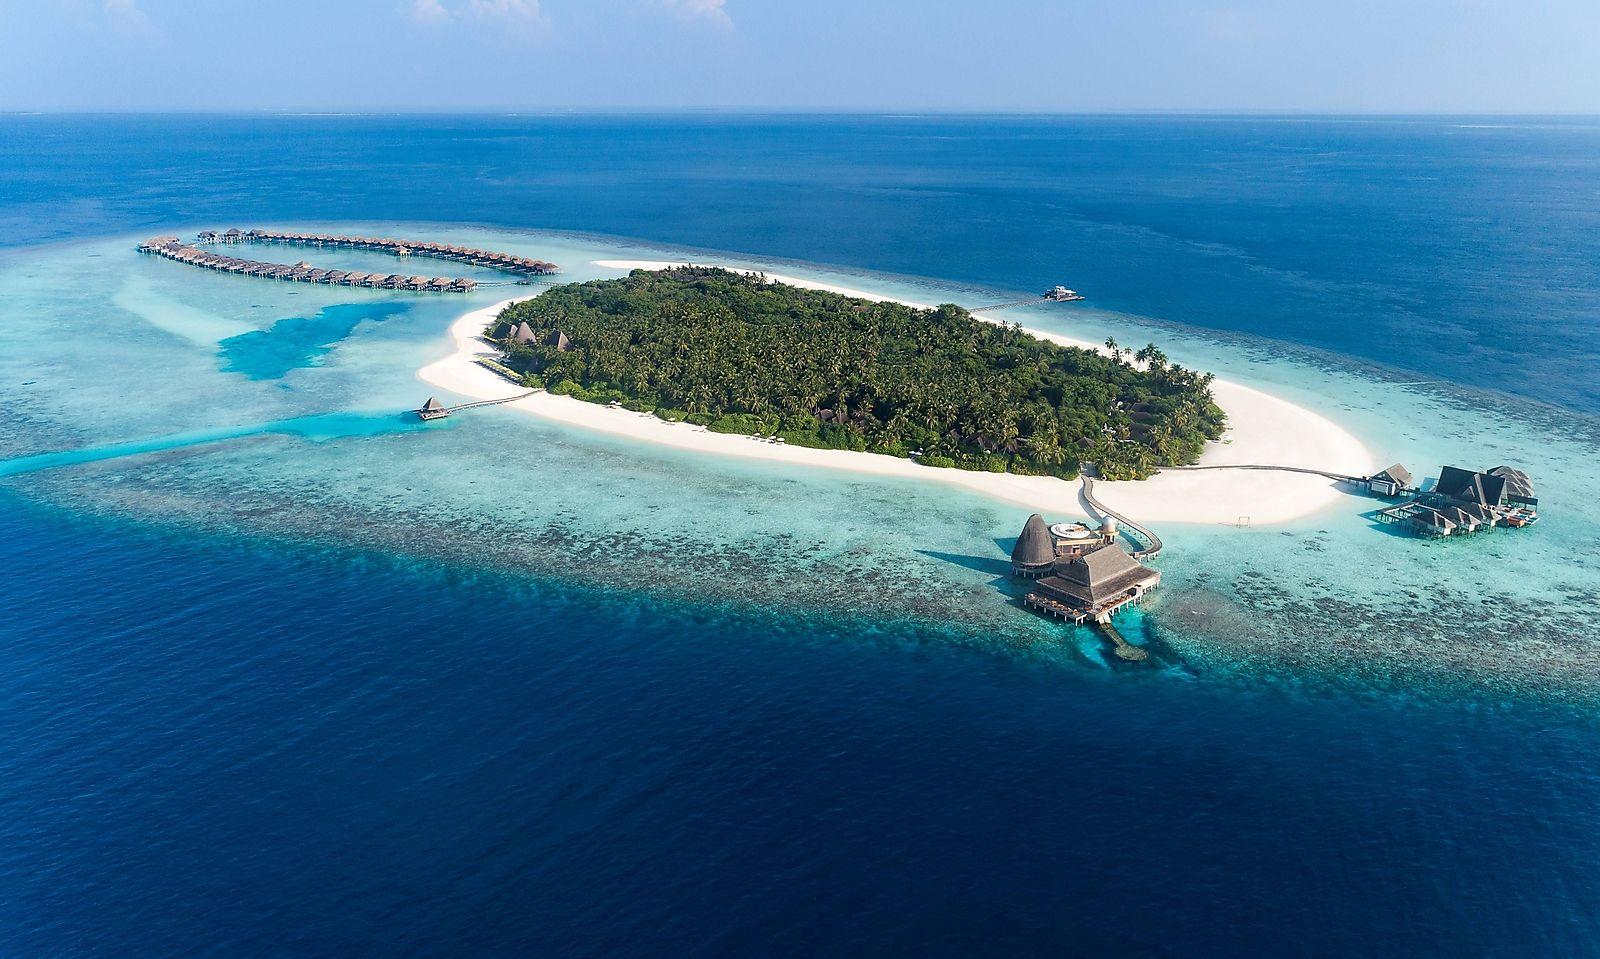 Gefährdete Malediven oder: Die Verletzlichkeit des Planeten [premium]